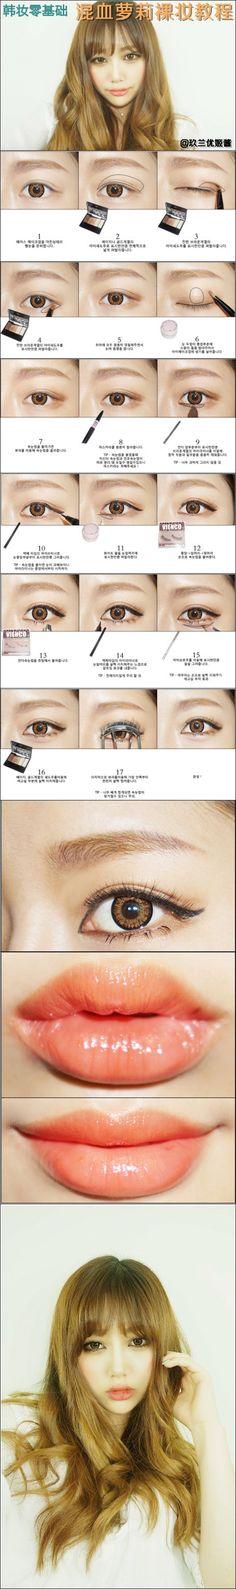 #Makeup #Natural Look #Korea ⭐️⭐️ www.AsianSkincare.Rocks